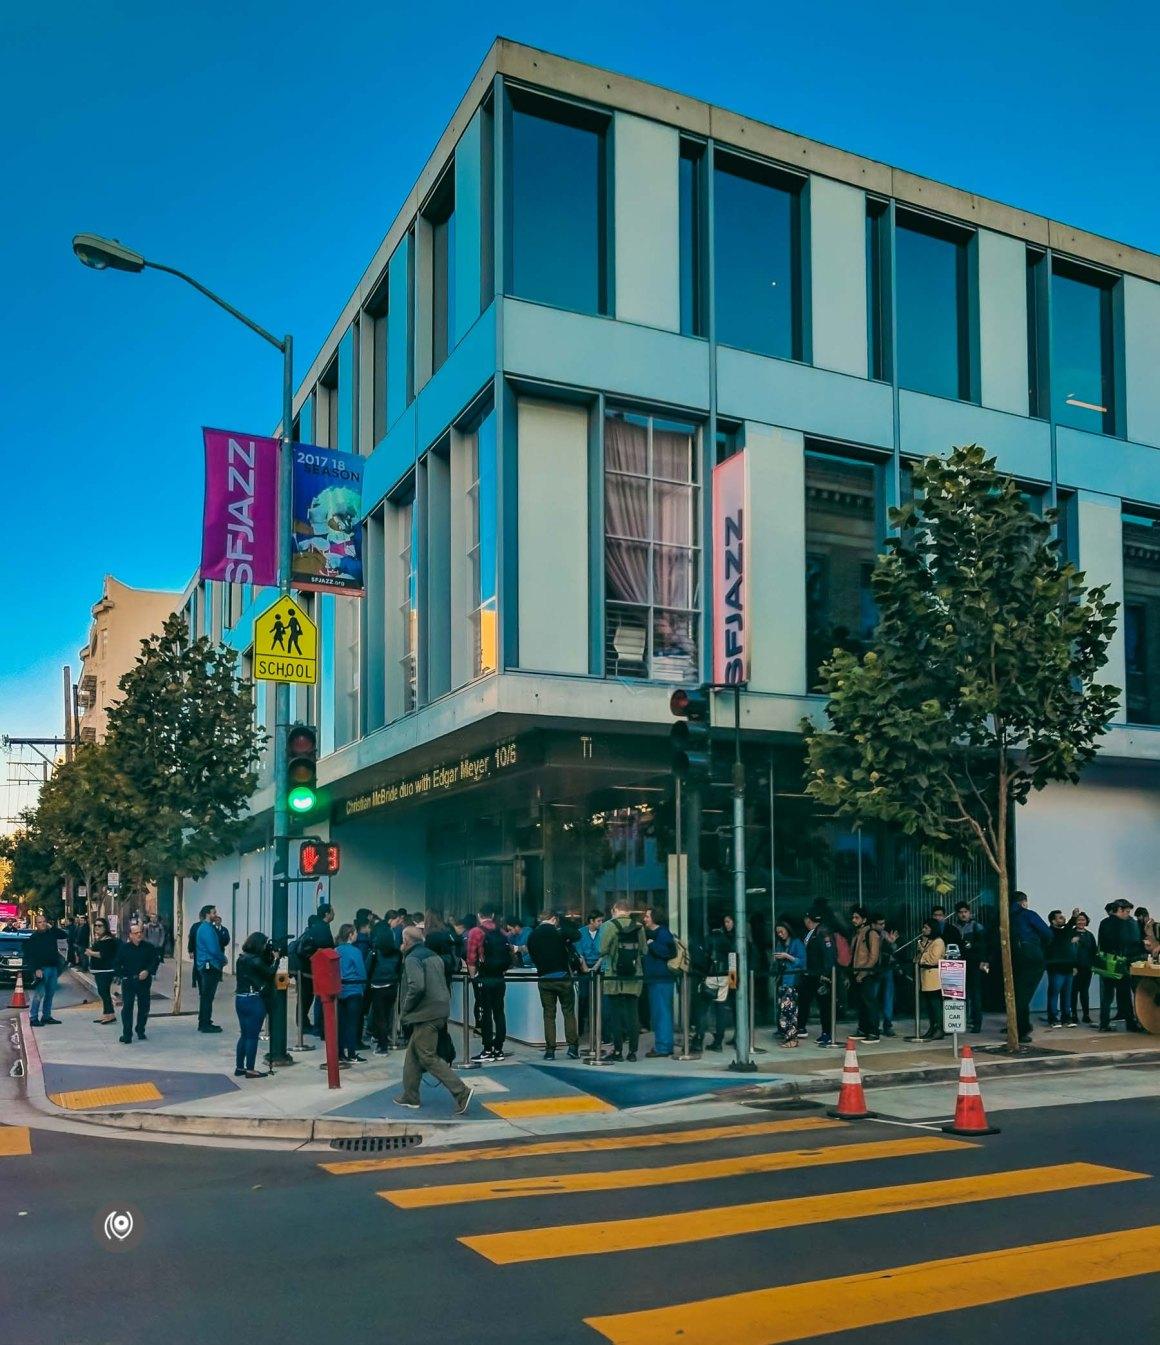 Naina.co, Google Fall Launch, San Francisco, NAINAxGoogle, TeamPixel, EyesForSF, EyesForTechnology, Naina Redhu, Professional Photographer, Professional Blogger, Luxury Photographer, Luxury Blogger, Lifestyle Photographer, Lifestyle Blogger, Technology Photographer, Technology Blogger, Tech, America, Google Mini, Pixel 2, Ok Google, PixelBook, Google Pixel Book, Max, Gul Panag, Auditya Venkatesh, SF Jazz Center, SF, Ray Ban, Product Launch, International Photographer, International Blogger